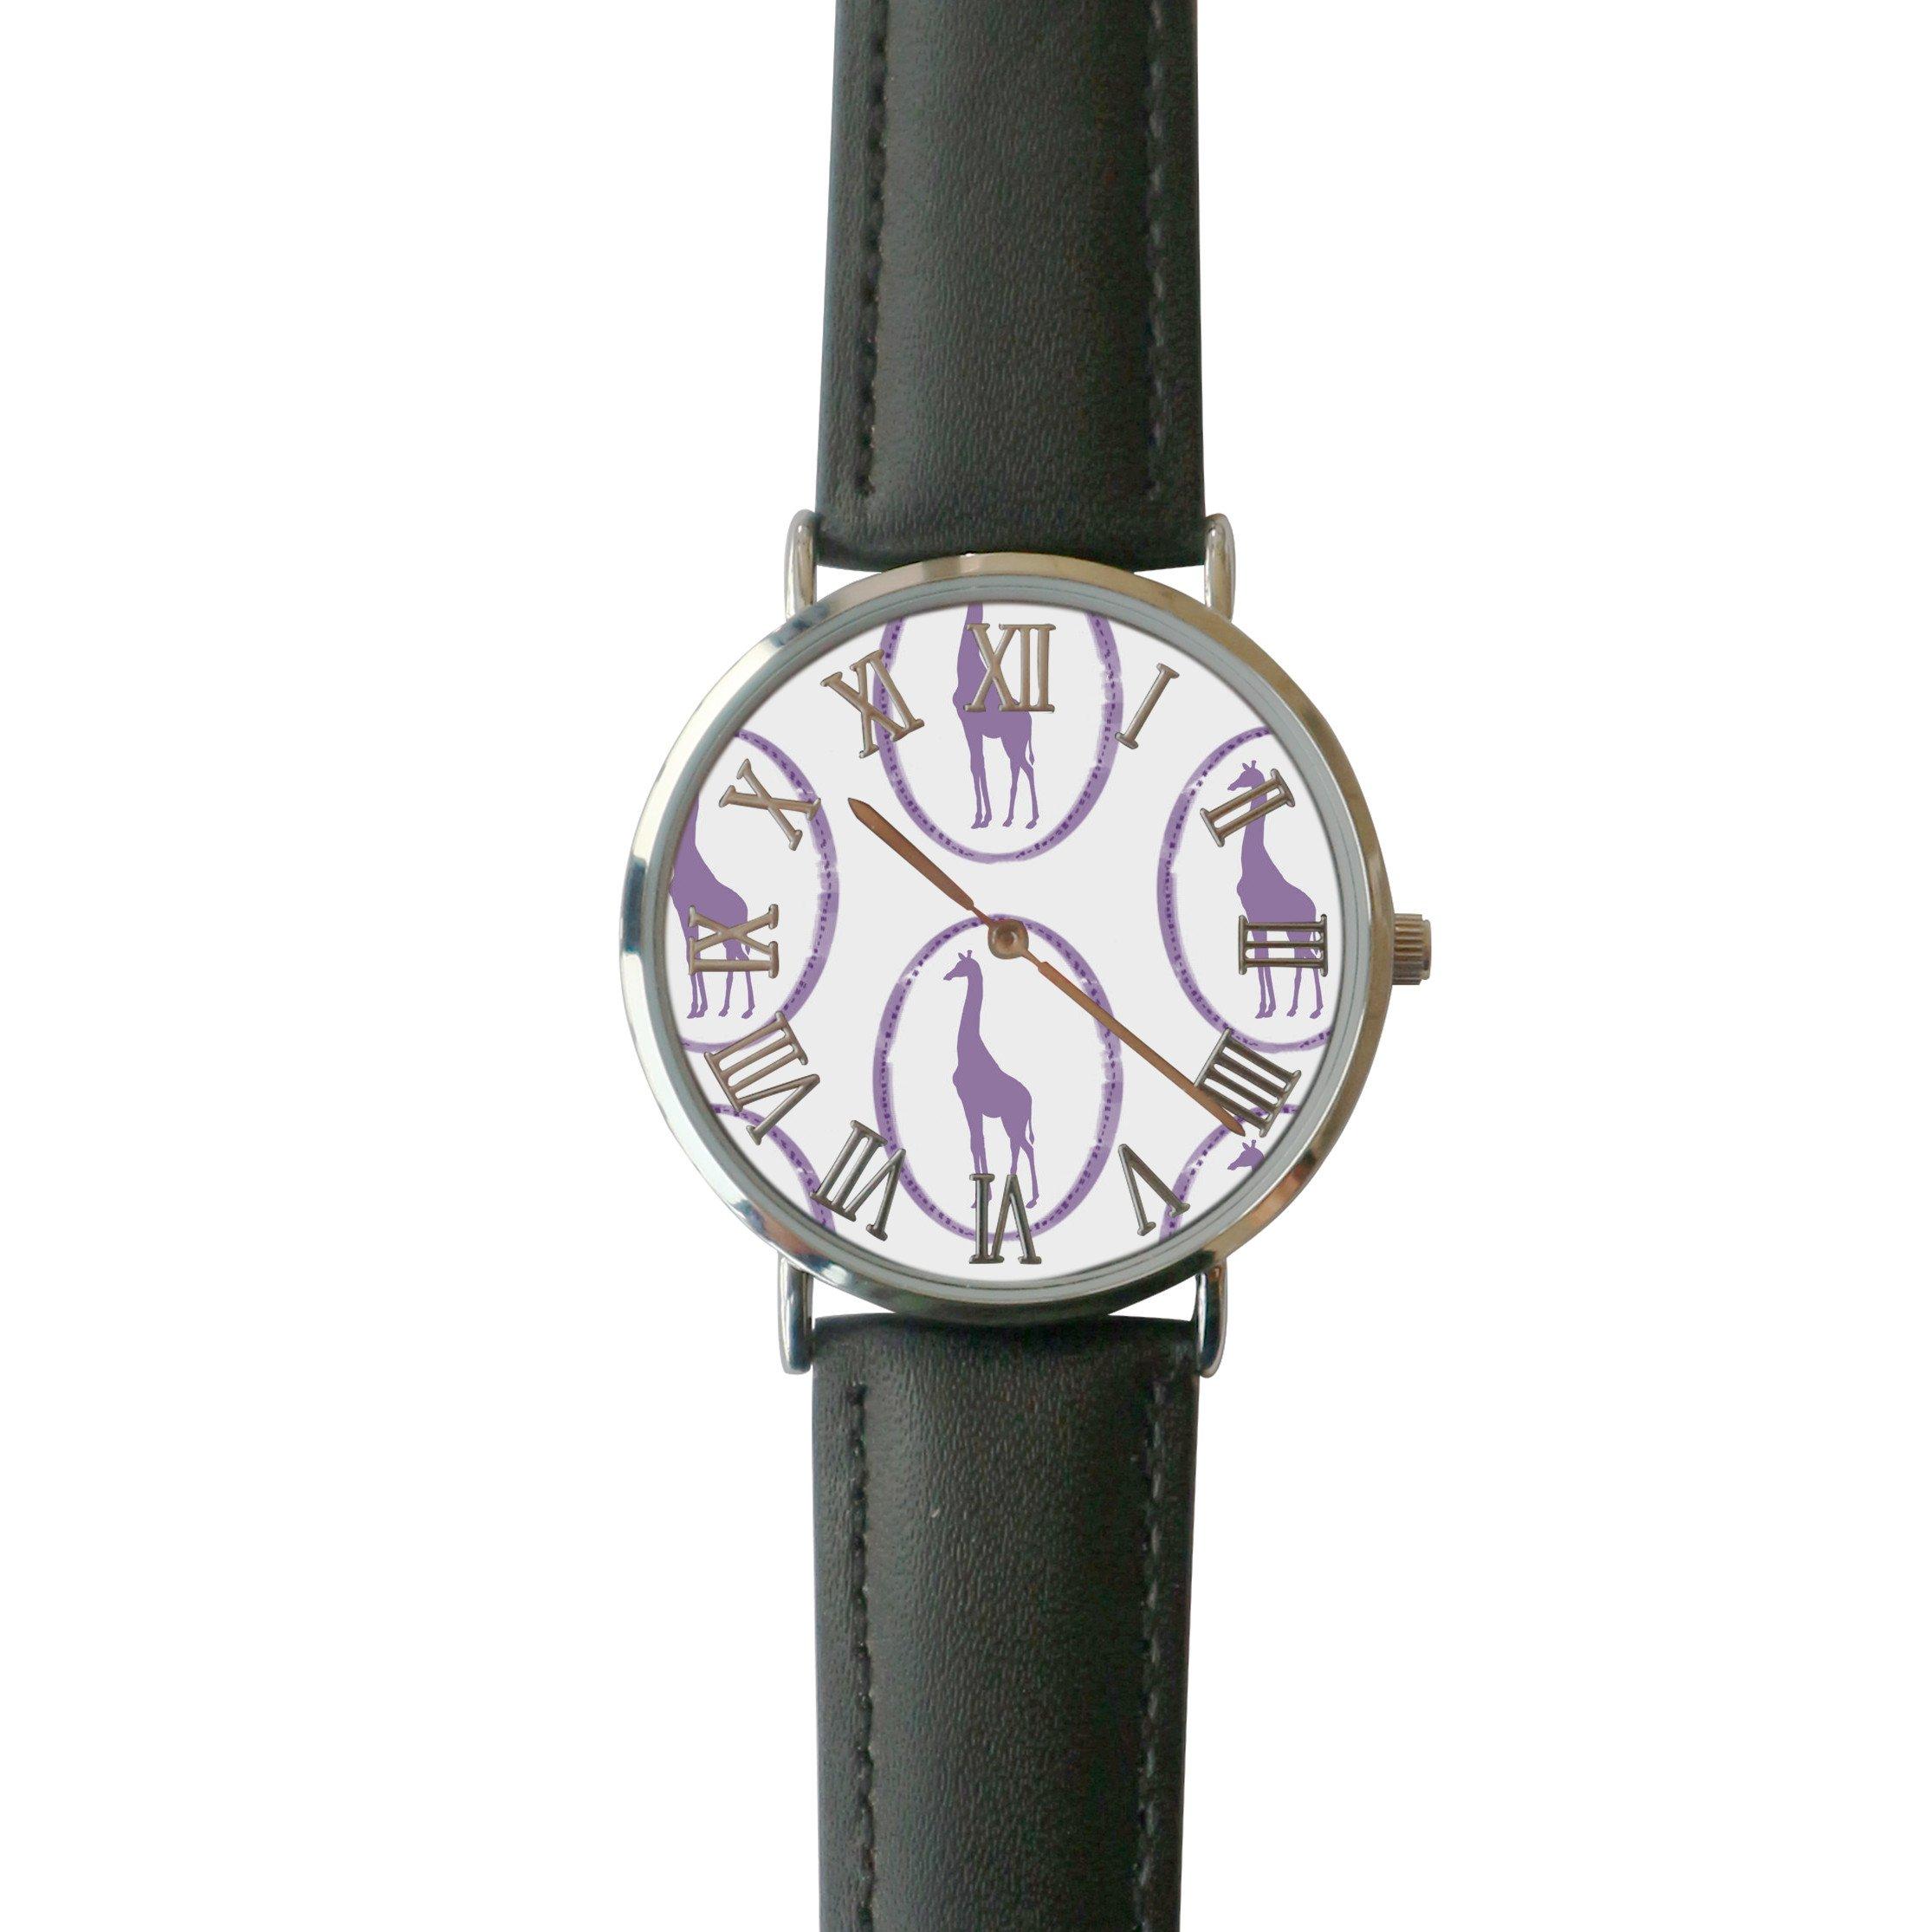 JISJJCKJSX Gray Giraffe custom watches quartz watch stainless steel case